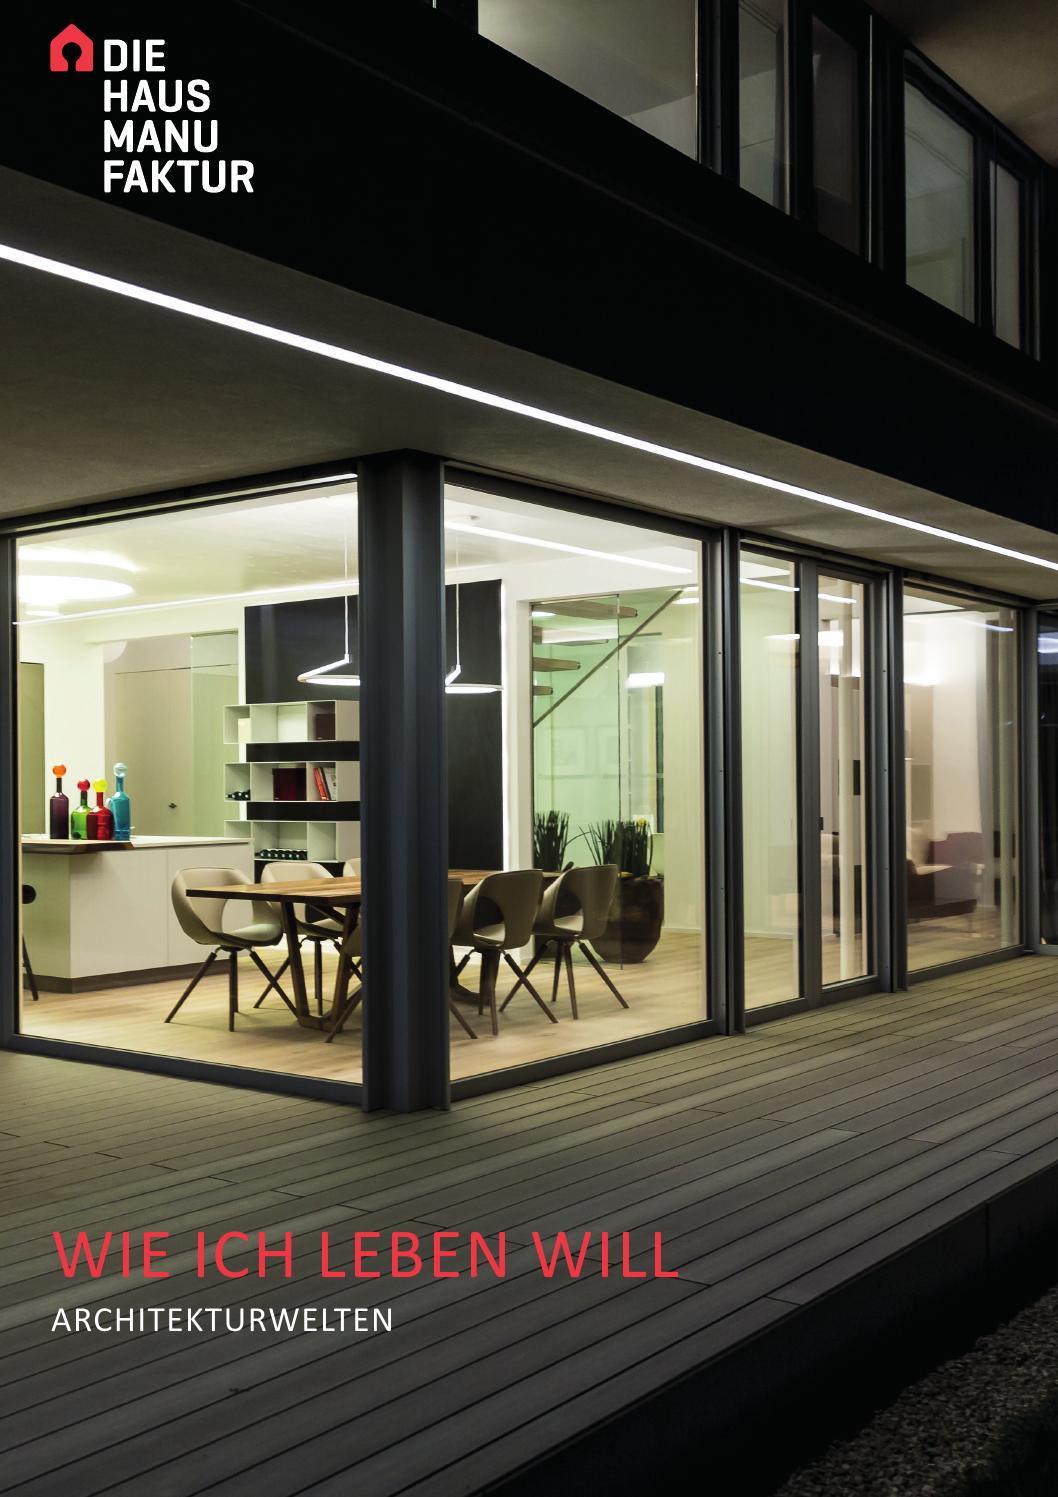 die hausmanufaktur architekturwelten by gerda perchtold. Black Bedroom Furniture Sets. Home Design Ideas